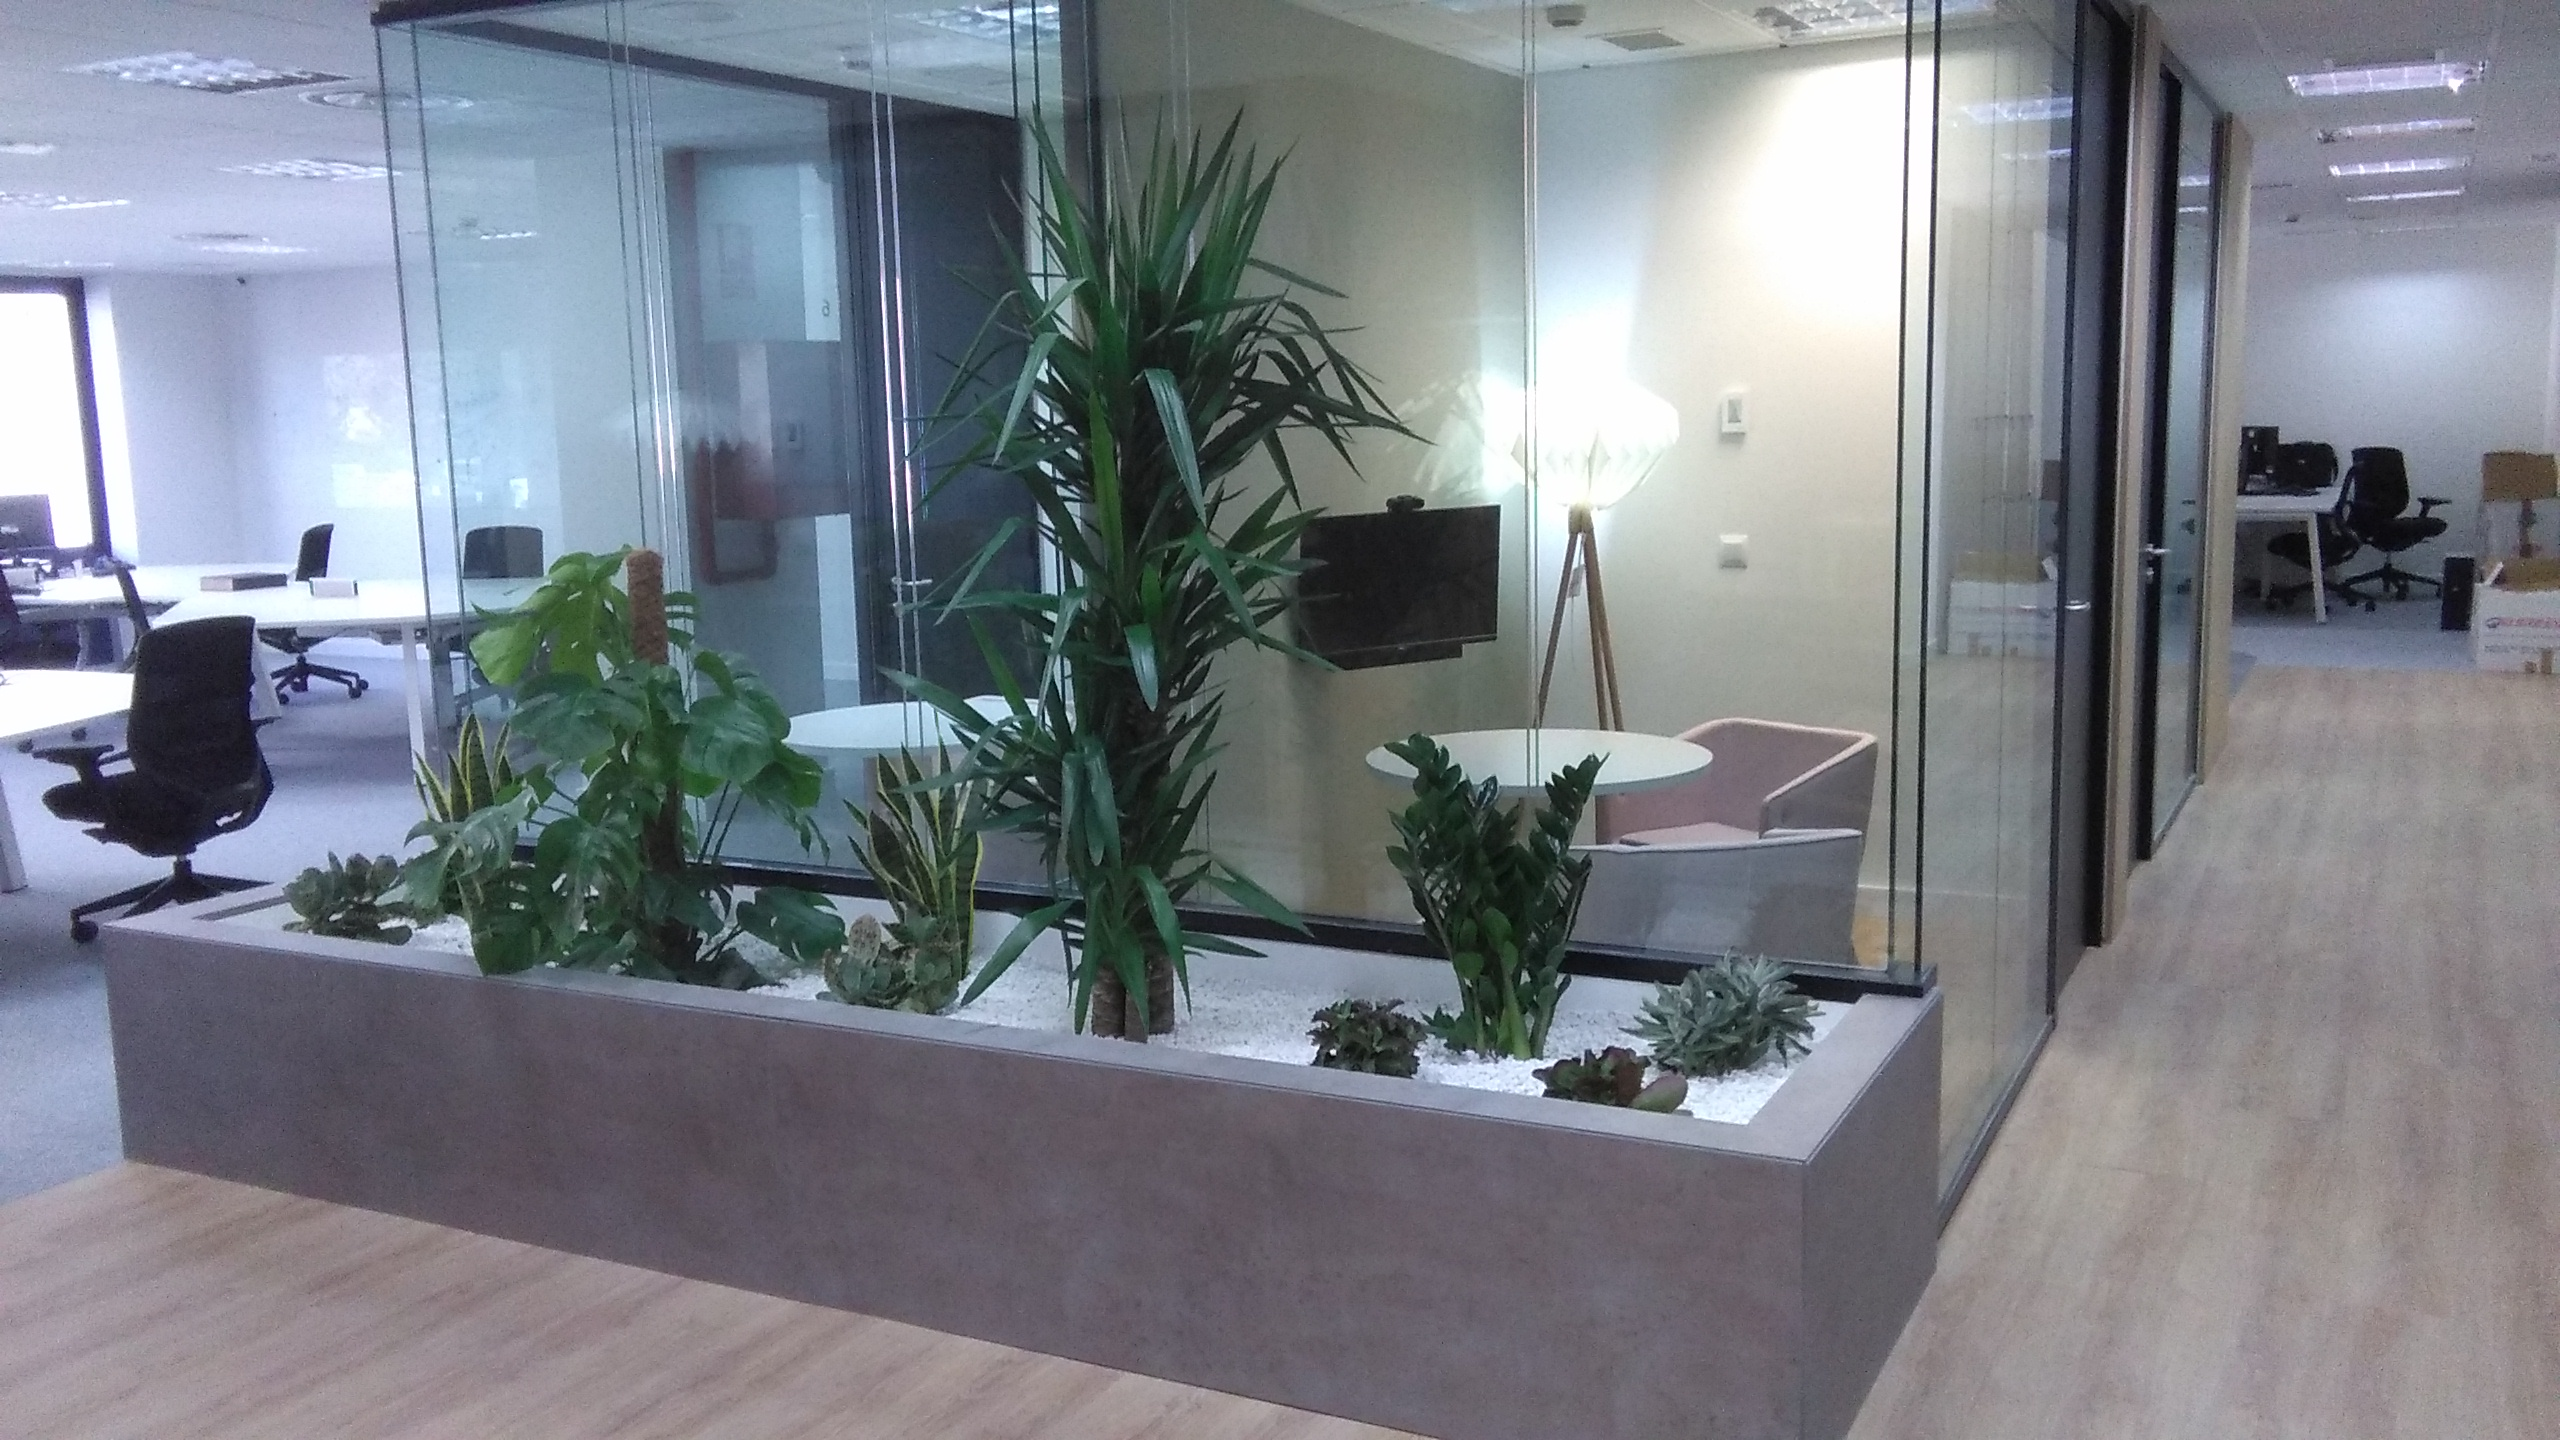 Oficinas modernas y funcionales nuevos dise os for Diseno de oficinas modernas en casa